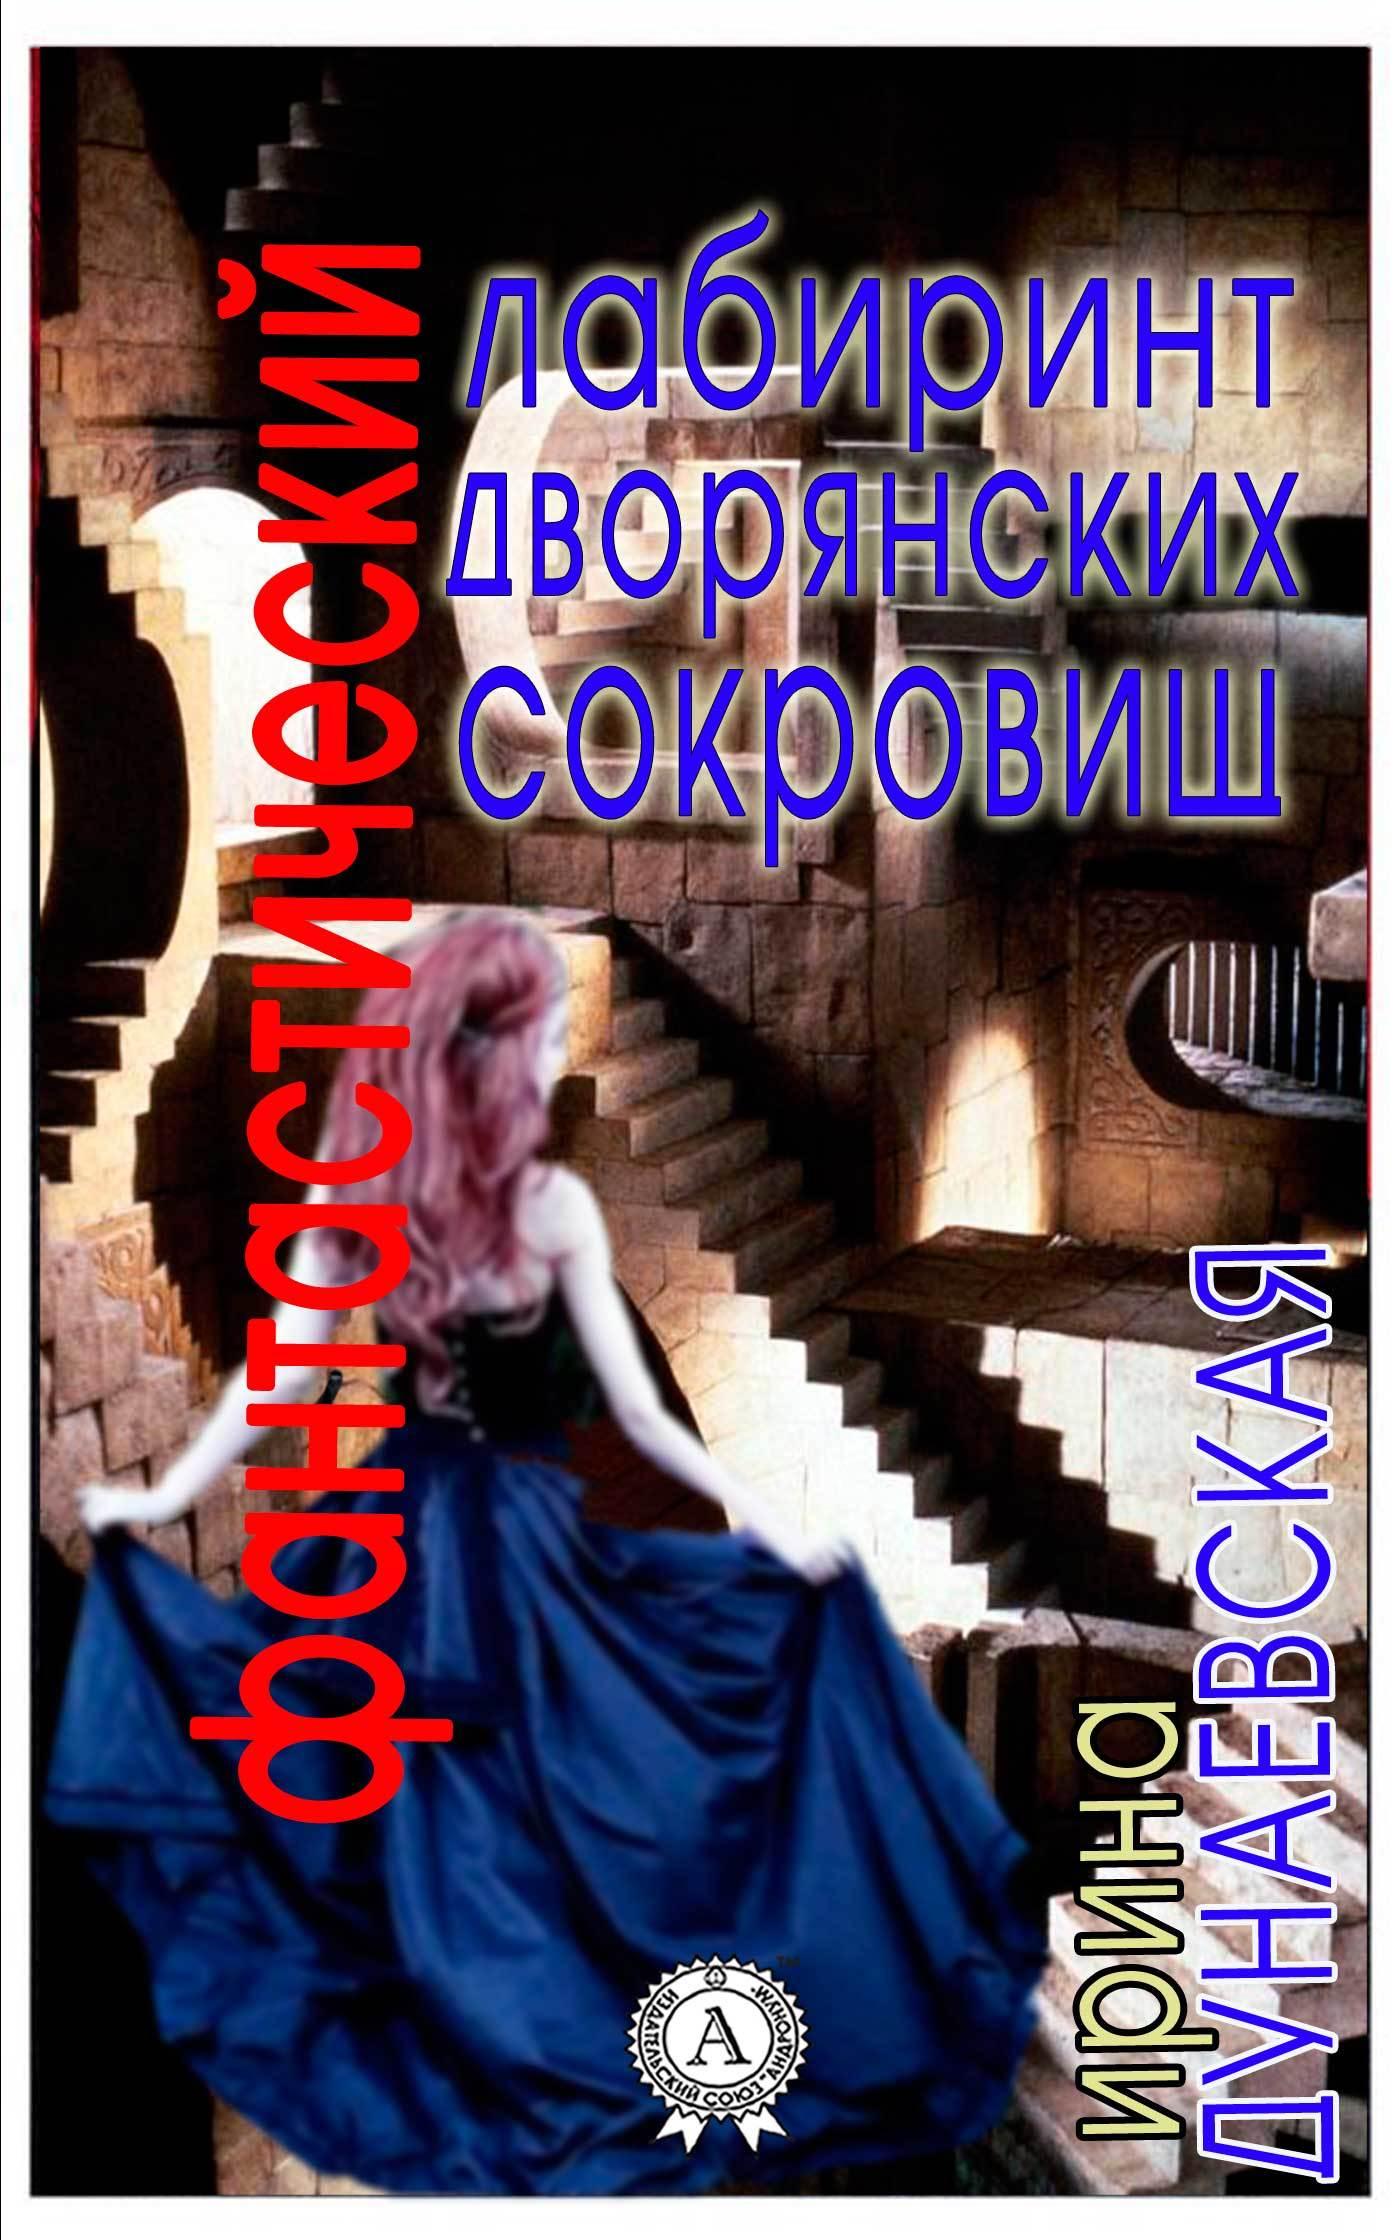 Ирина Дунаевская - Фантастический лабиринт дворянских сокровищ